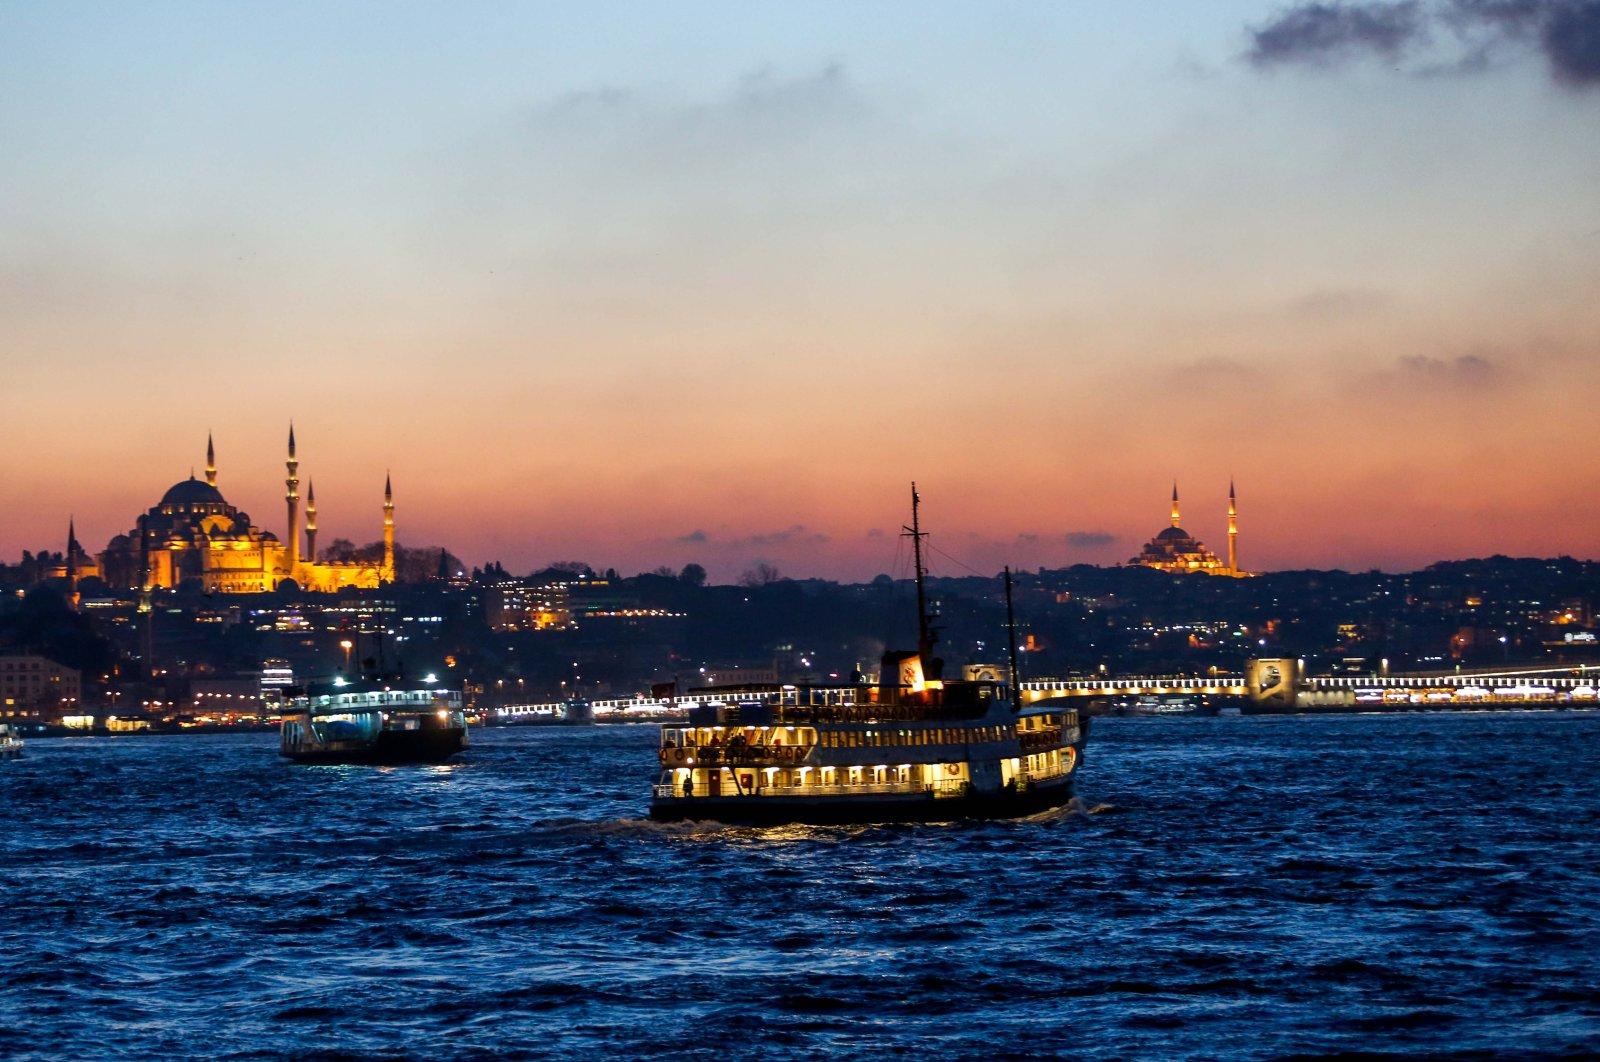 A ferry traveling along the Bosporus, in Istanbul, Turkey, Nov. 30, 2017. (PHOTO BY UĞUR YILDIRIM)